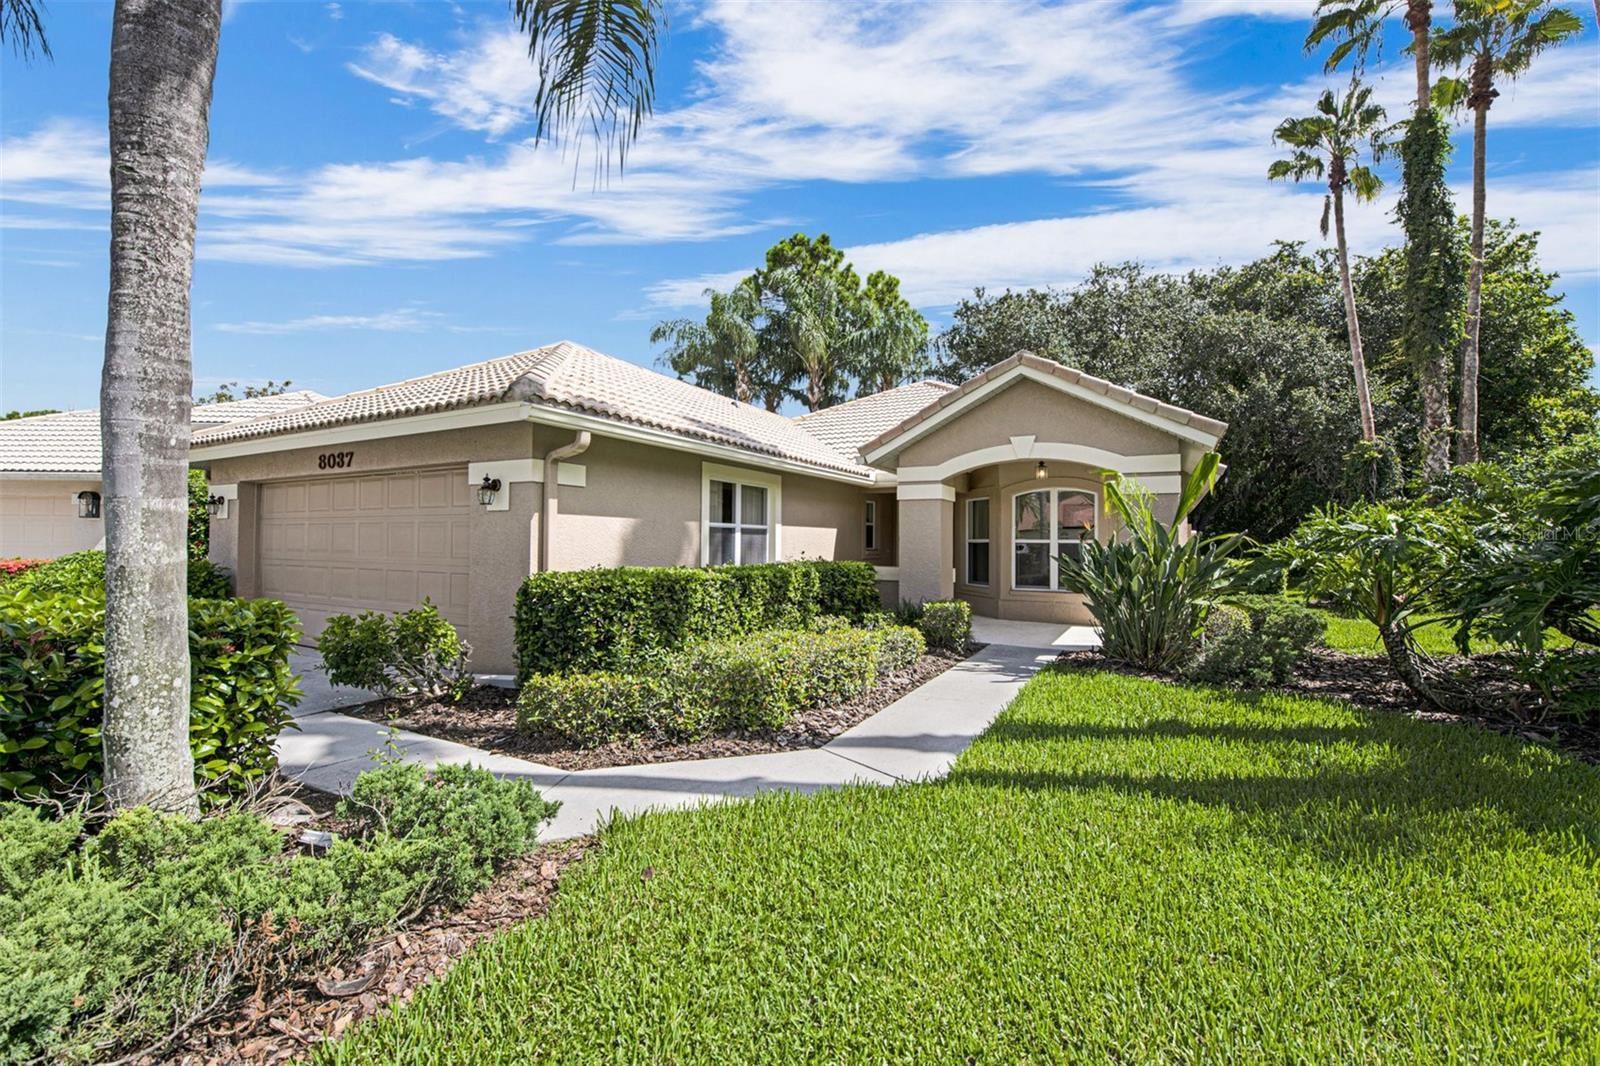 8037 BOBCAT CIRCLE, Sarasota, FL 34238 - #: A4515020